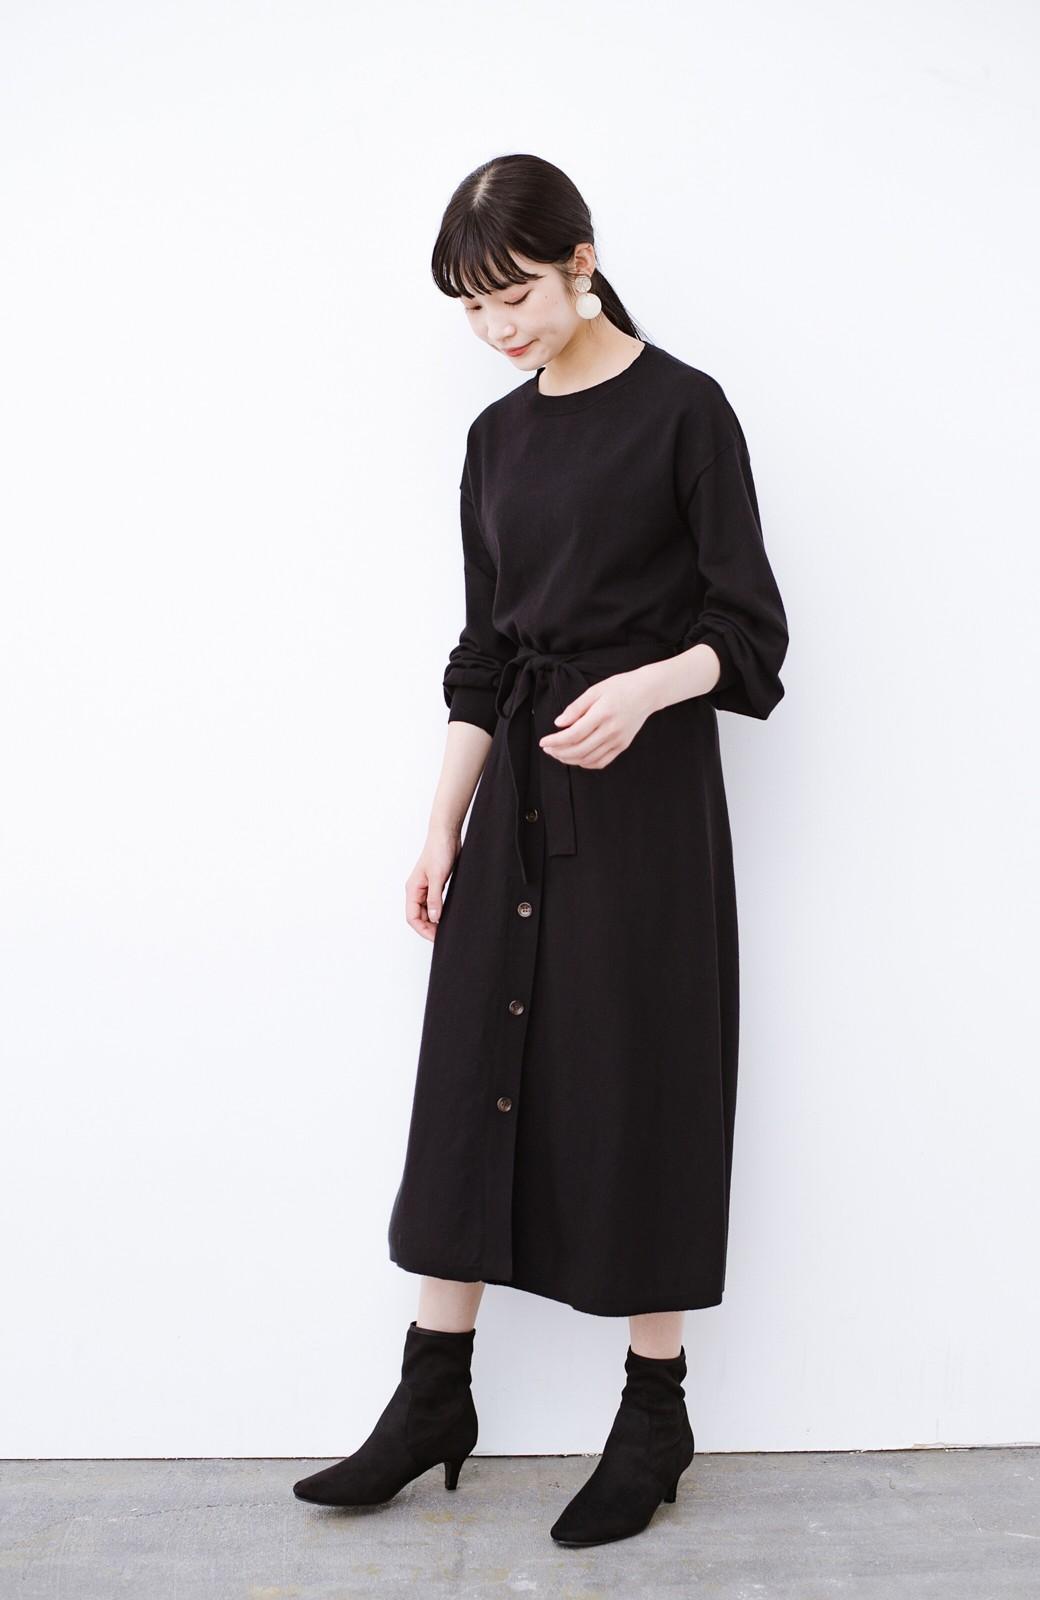 haco! デニムにもスカートにも似合う!すぽっと履けてスタイルアップが叶う女っぽフェイクスエードブーツ <ブラック>の商品写真22